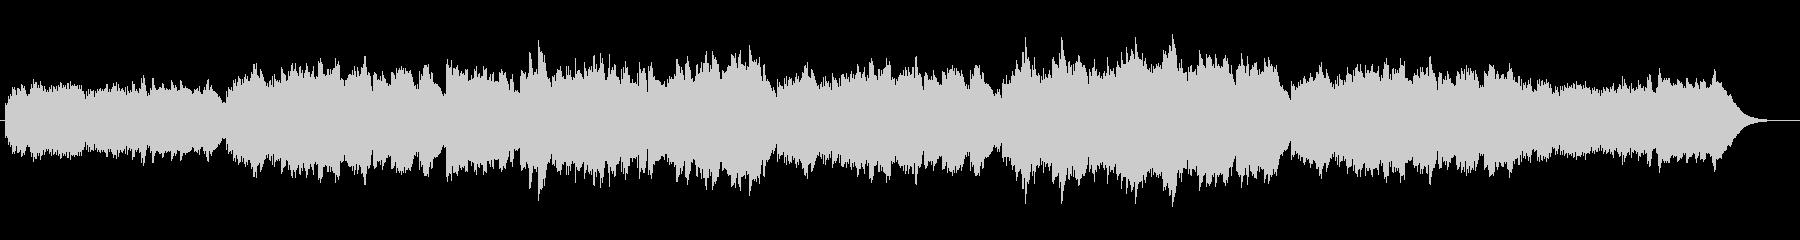 メロディアスで切ないオルゴール風バラードの未再生の波形